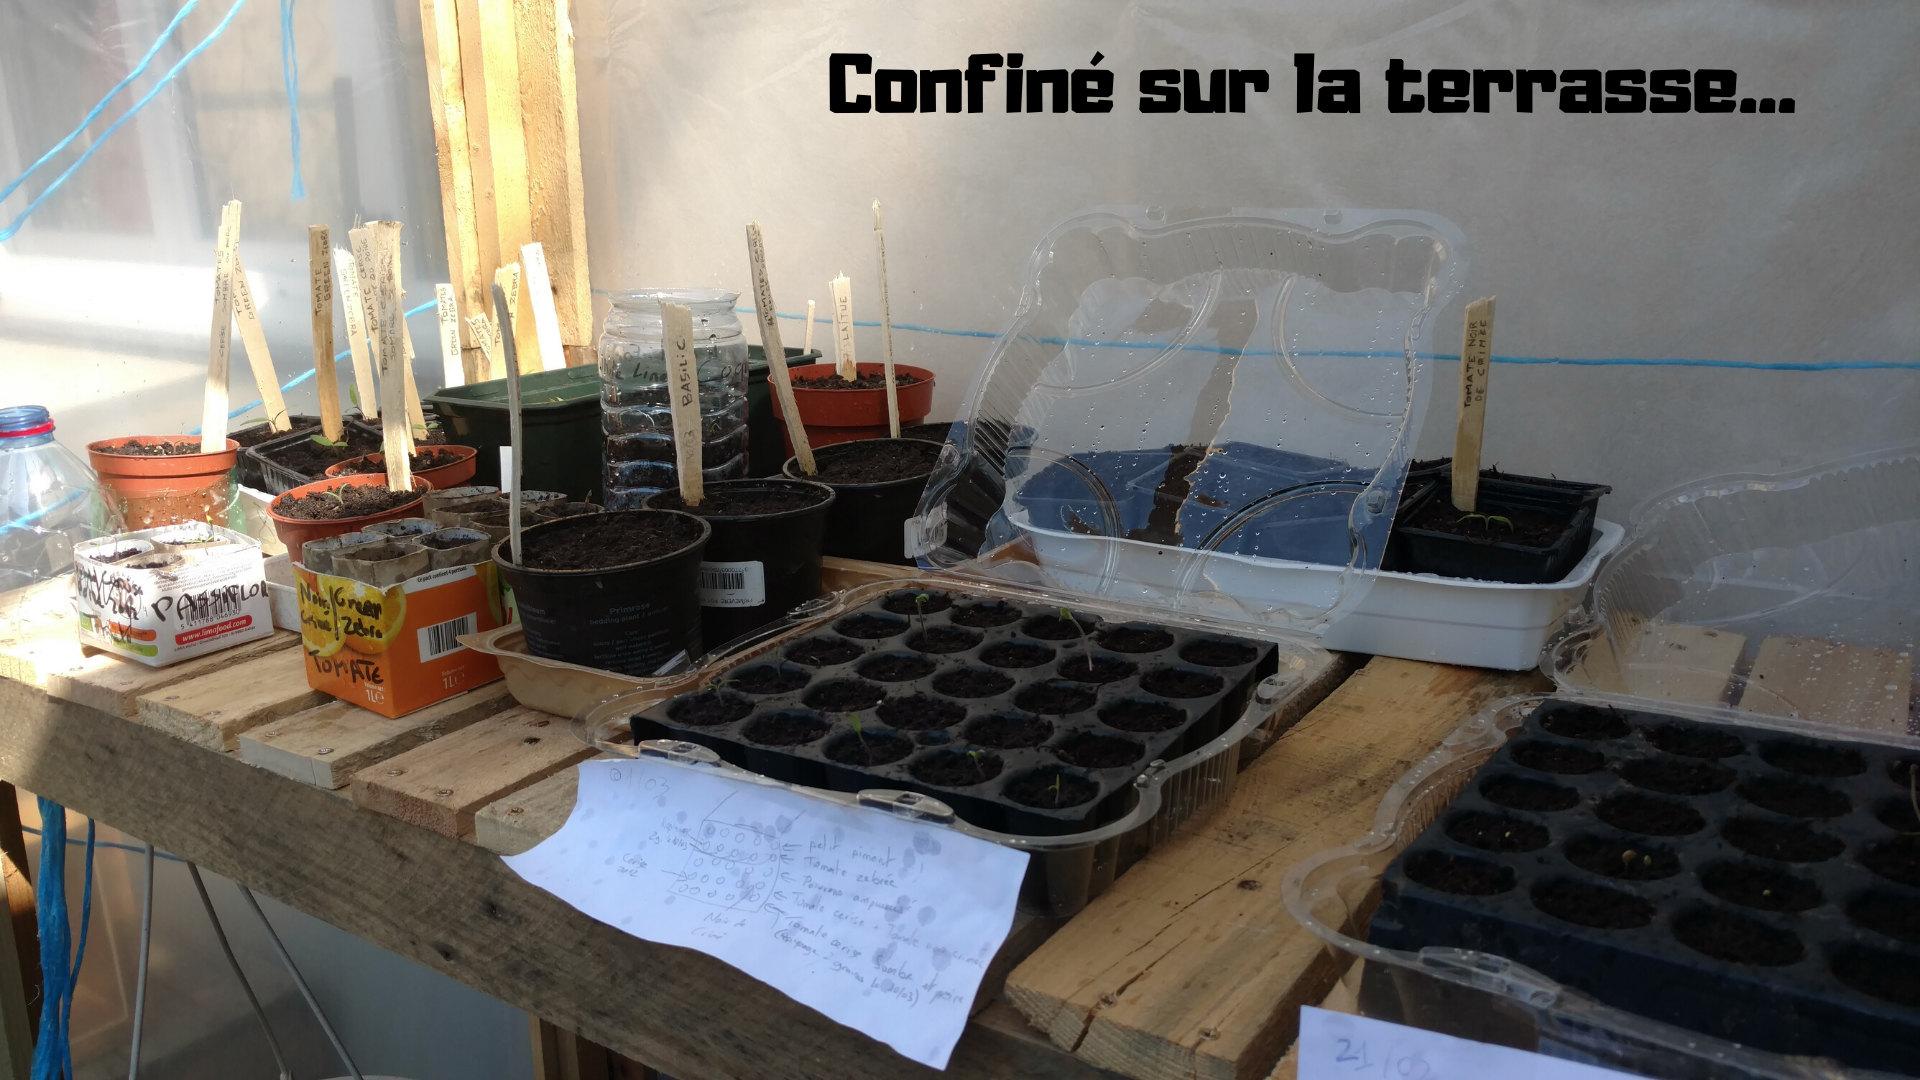 permaculture-urbaine-balcon-terrasse-semis